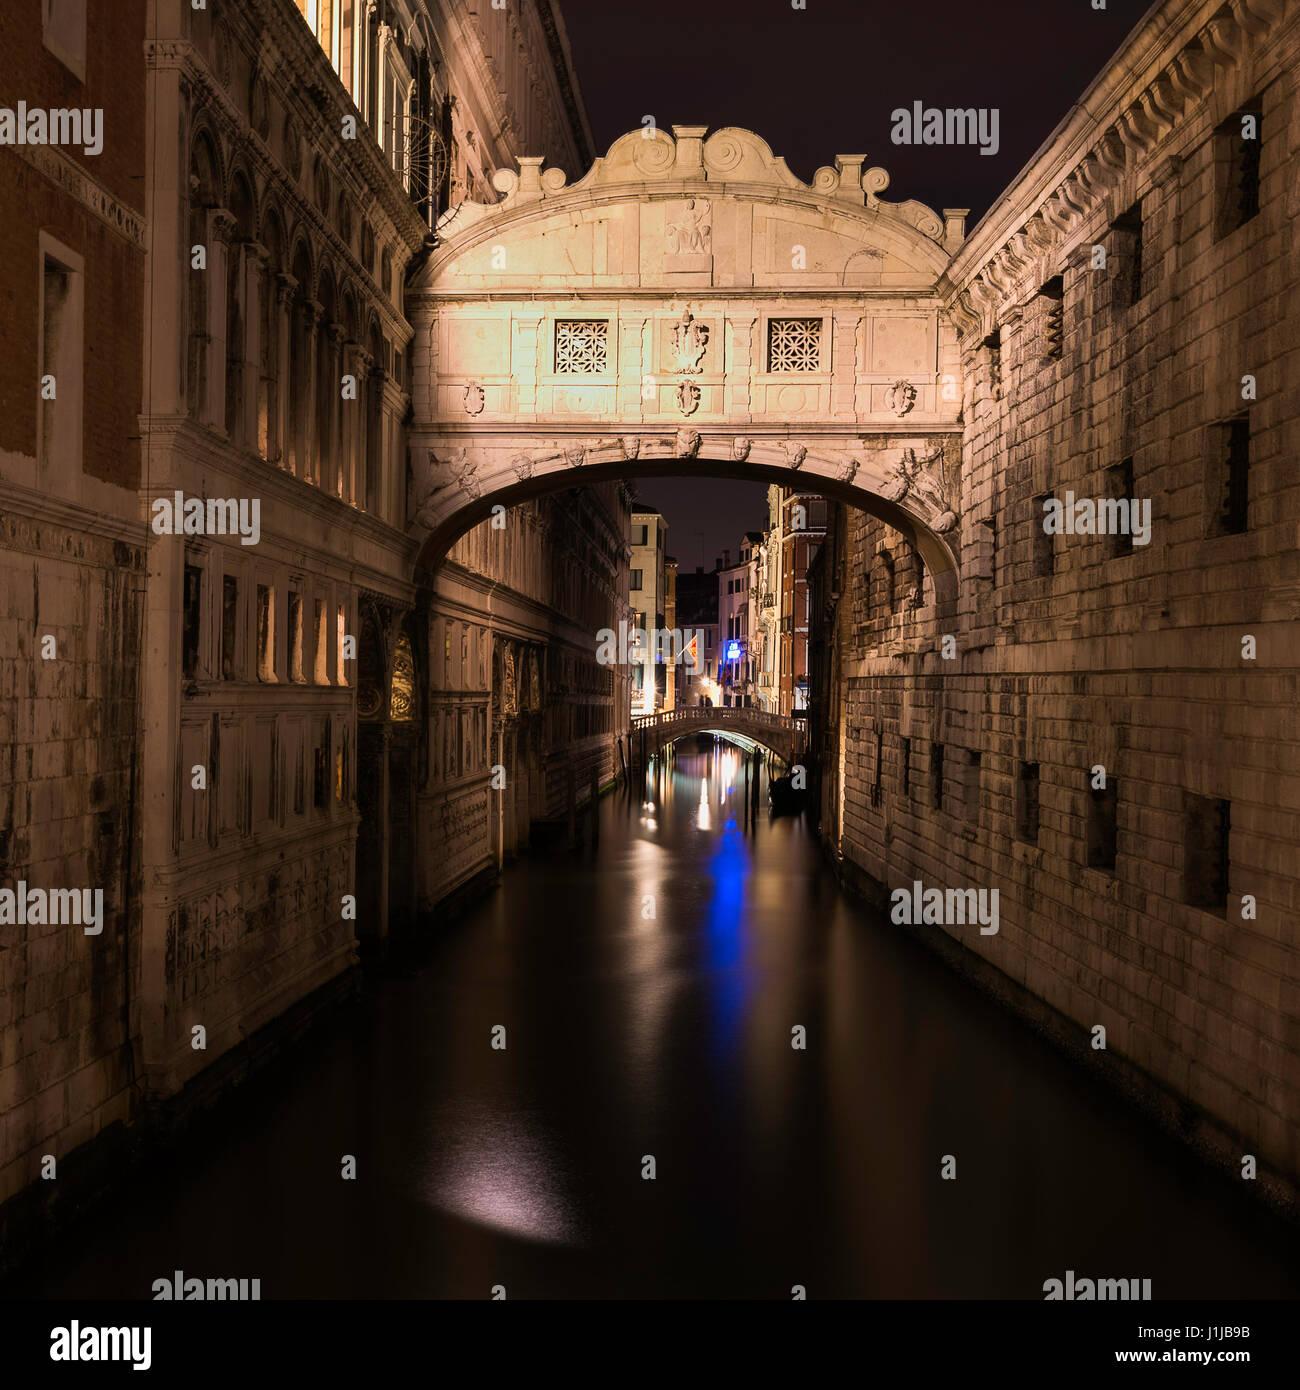 Una lunga esposizione immagini notturne del Ponte dei Sospiri oltre il rio di Palazzo Venezia Italia Immagini Stock